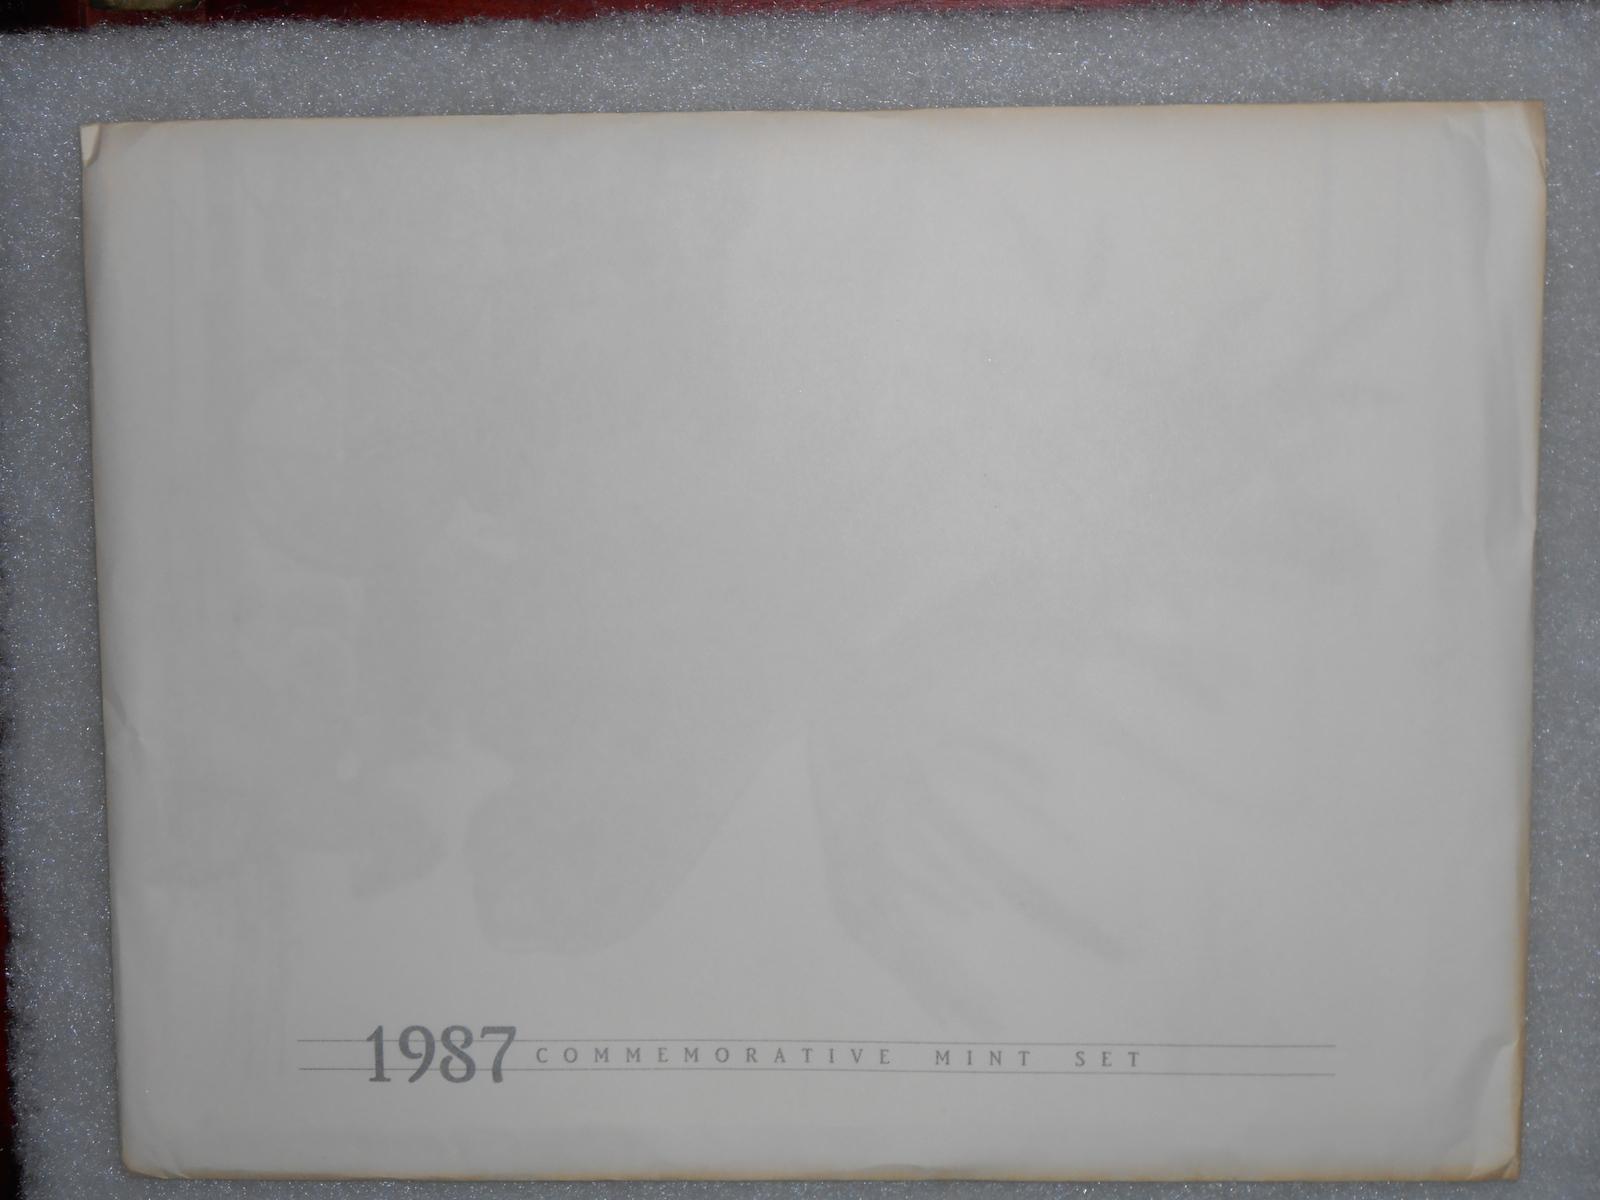 1987 Commemorative Stamp Set USPS